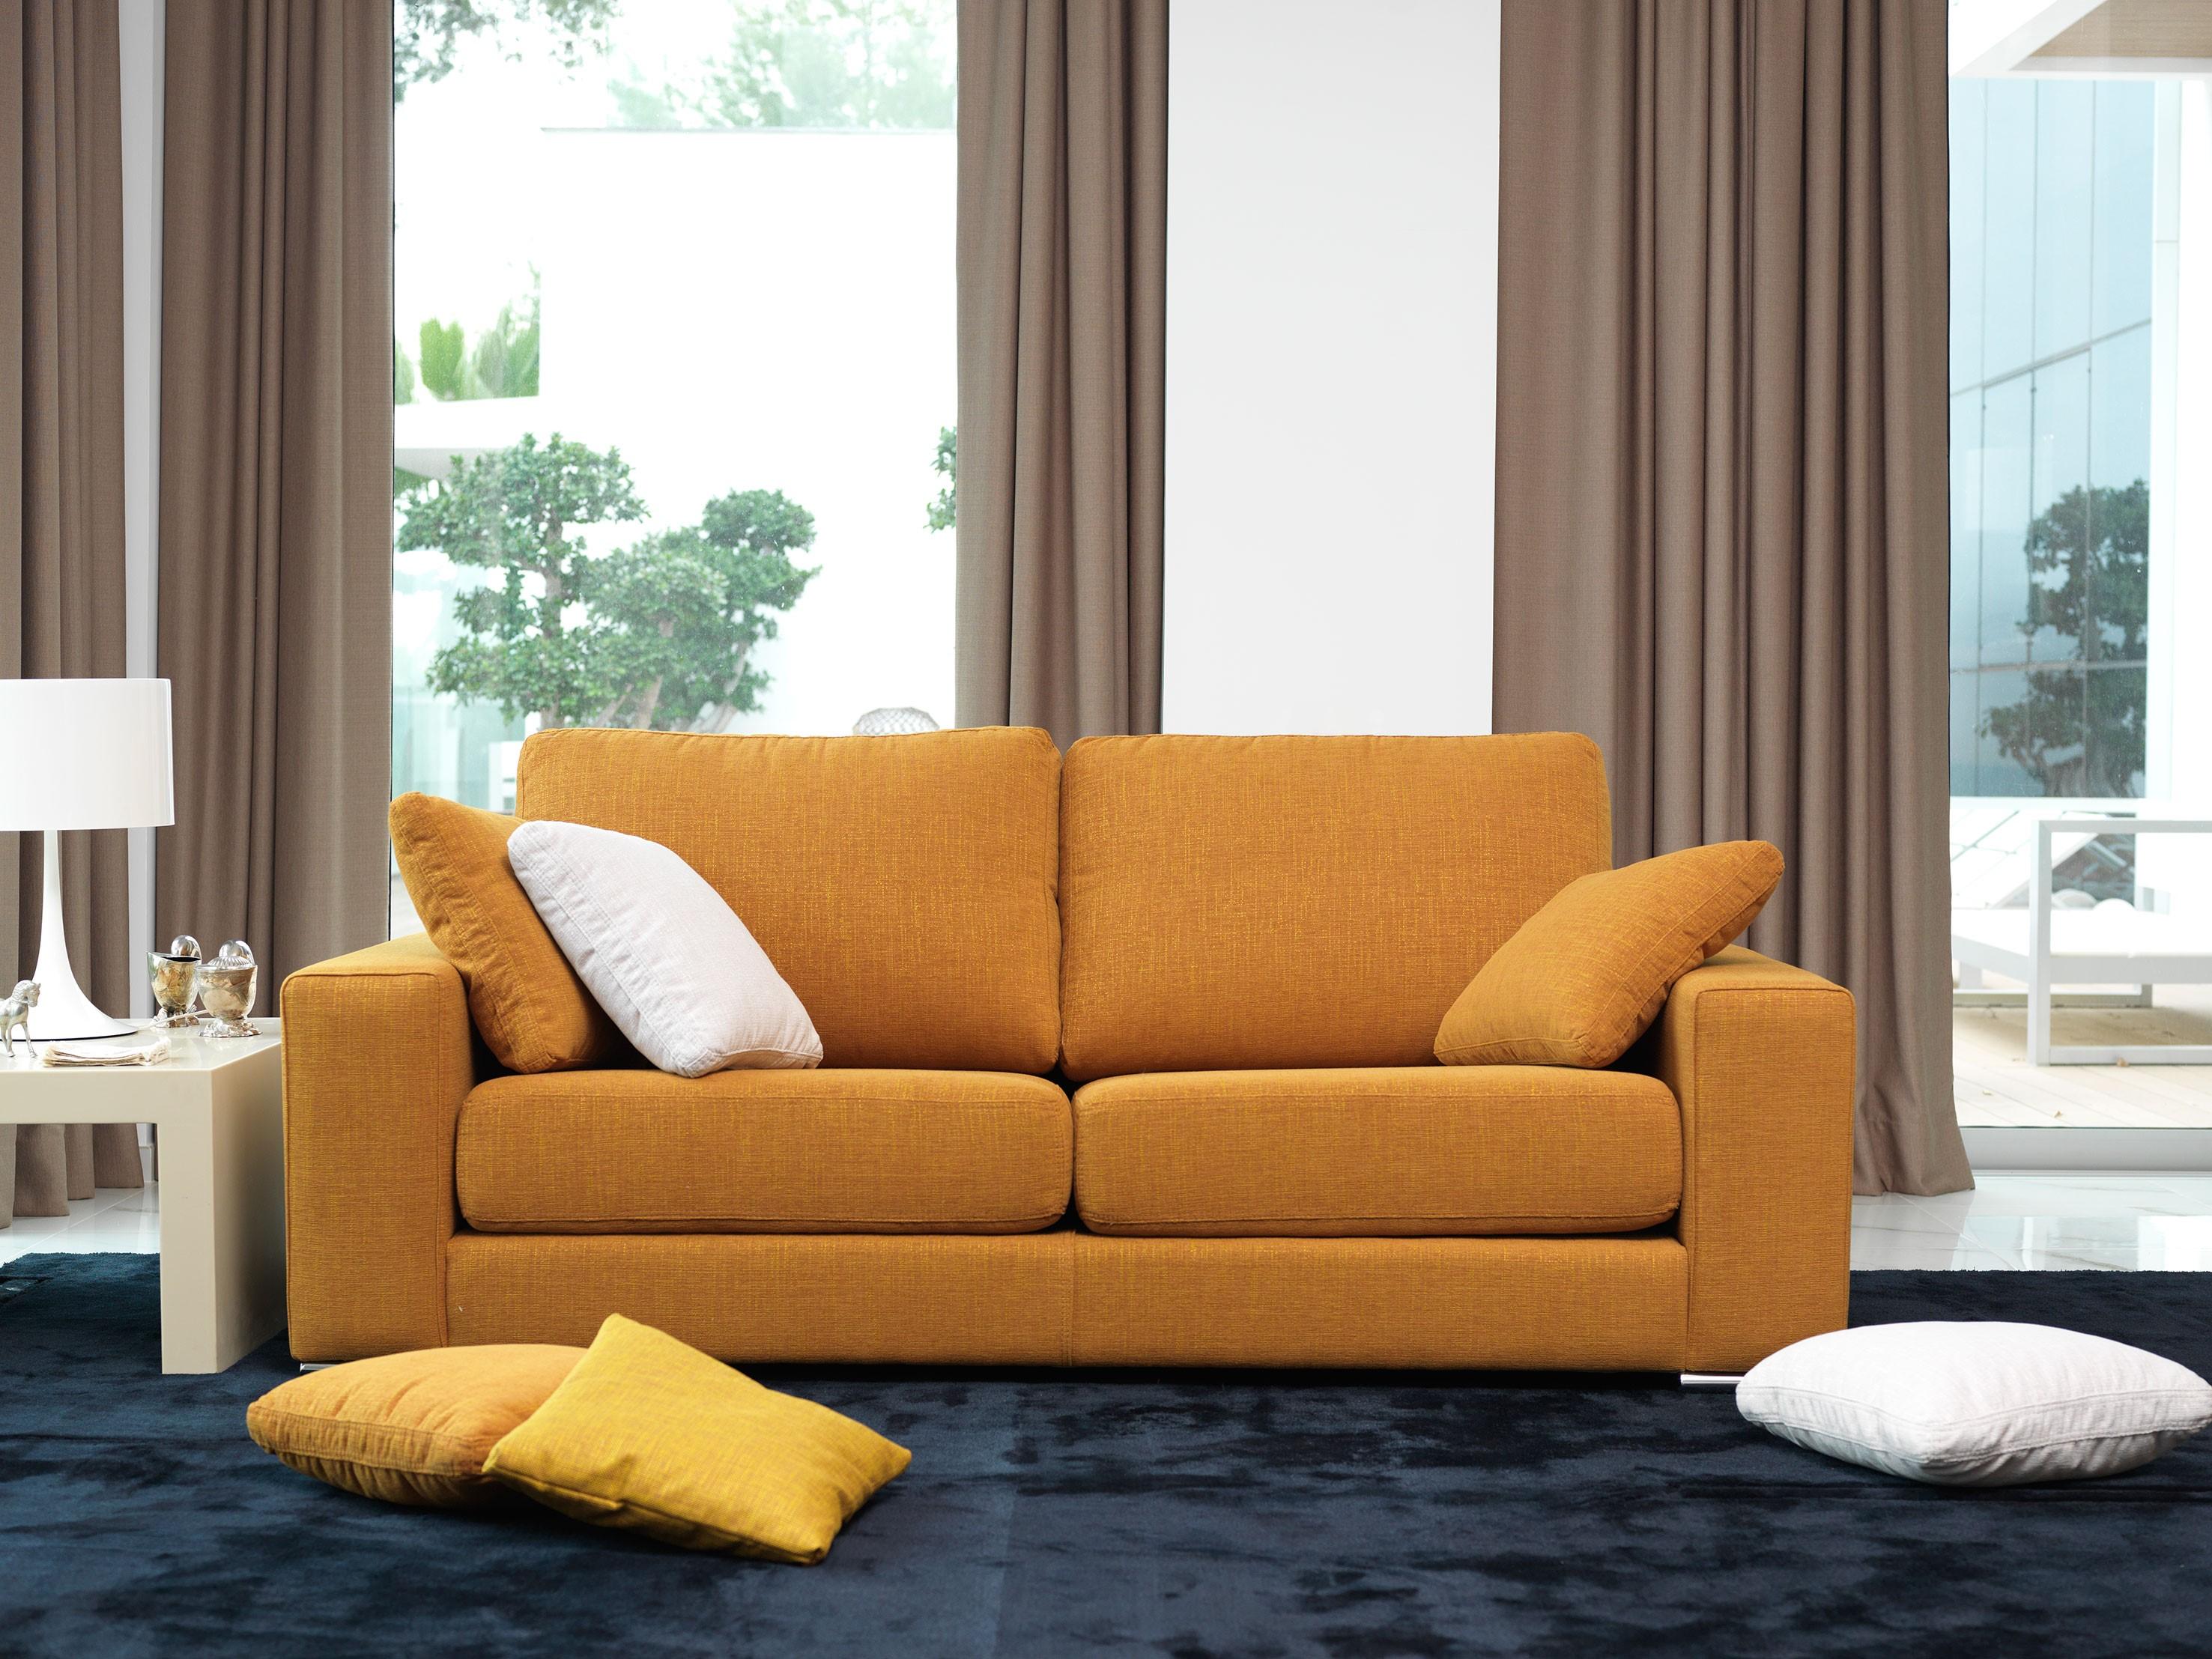 Sof de tela o sof de cuero cu l escoger - Sofas de tela ...